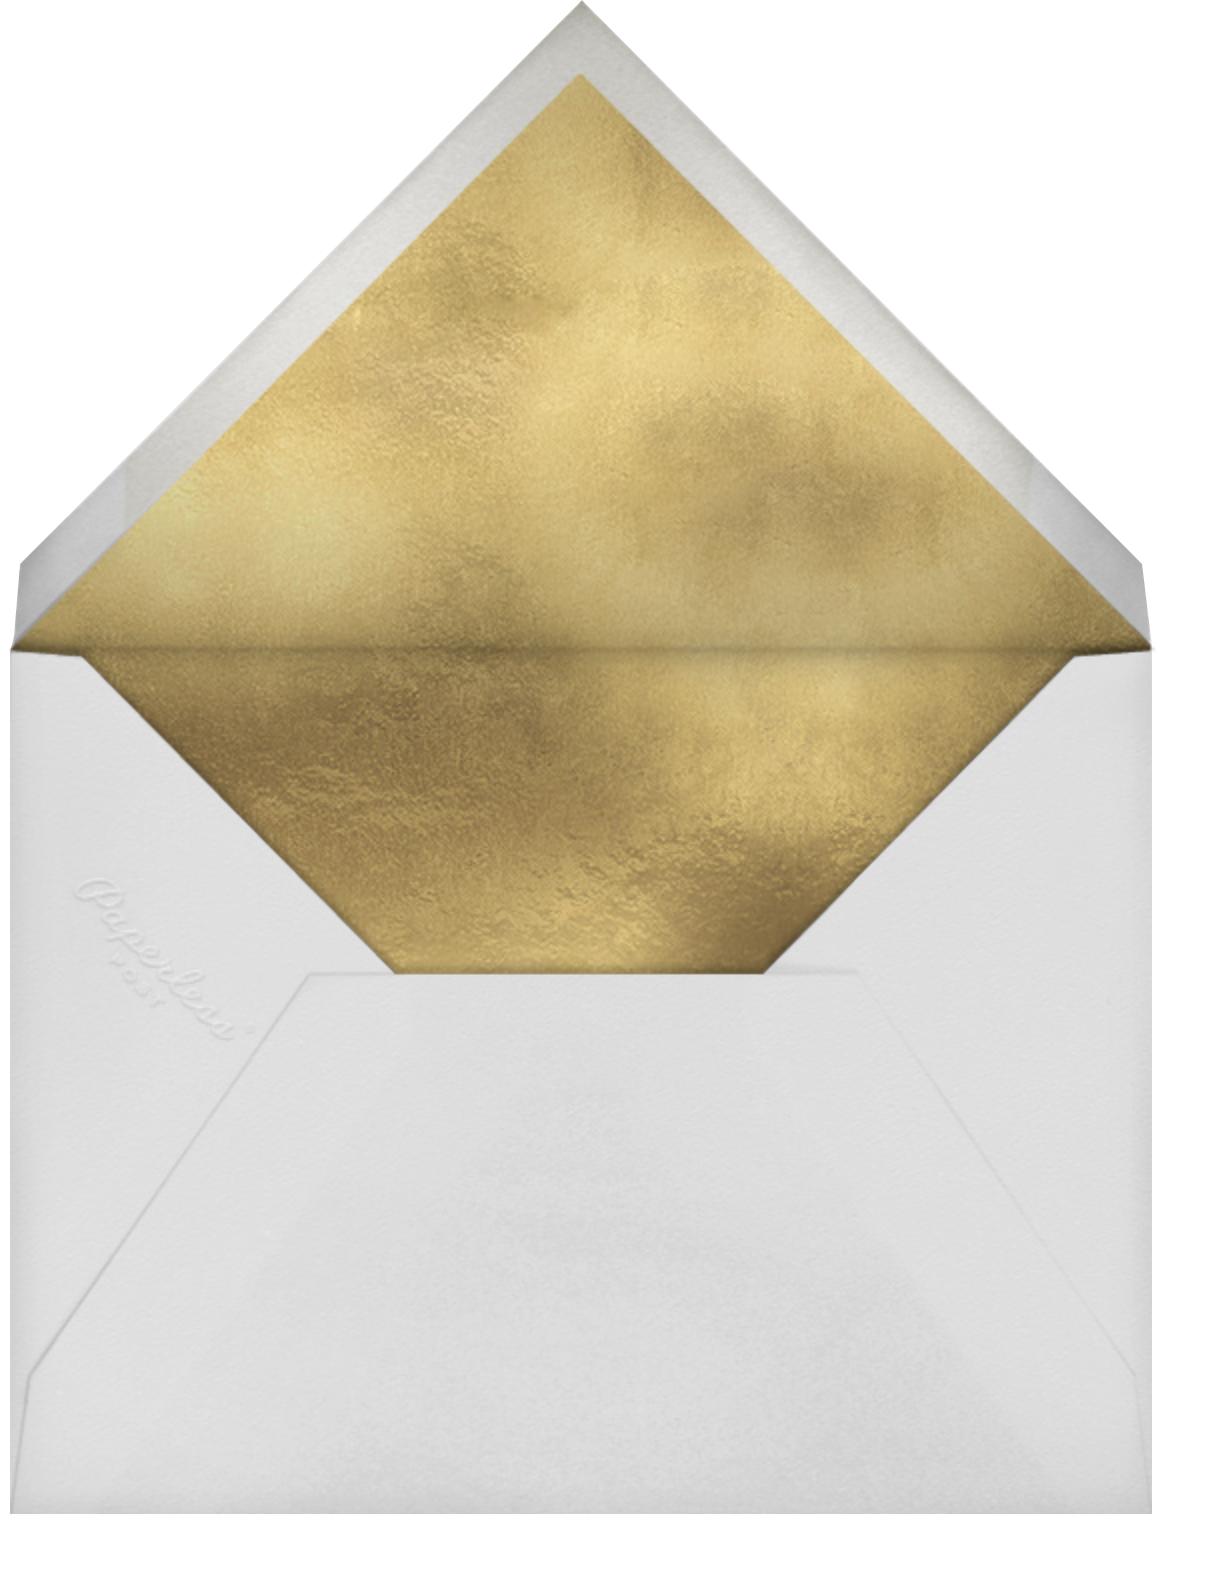 Ethereal Wash Photo - Ashley G - Bridal shower - envelope back